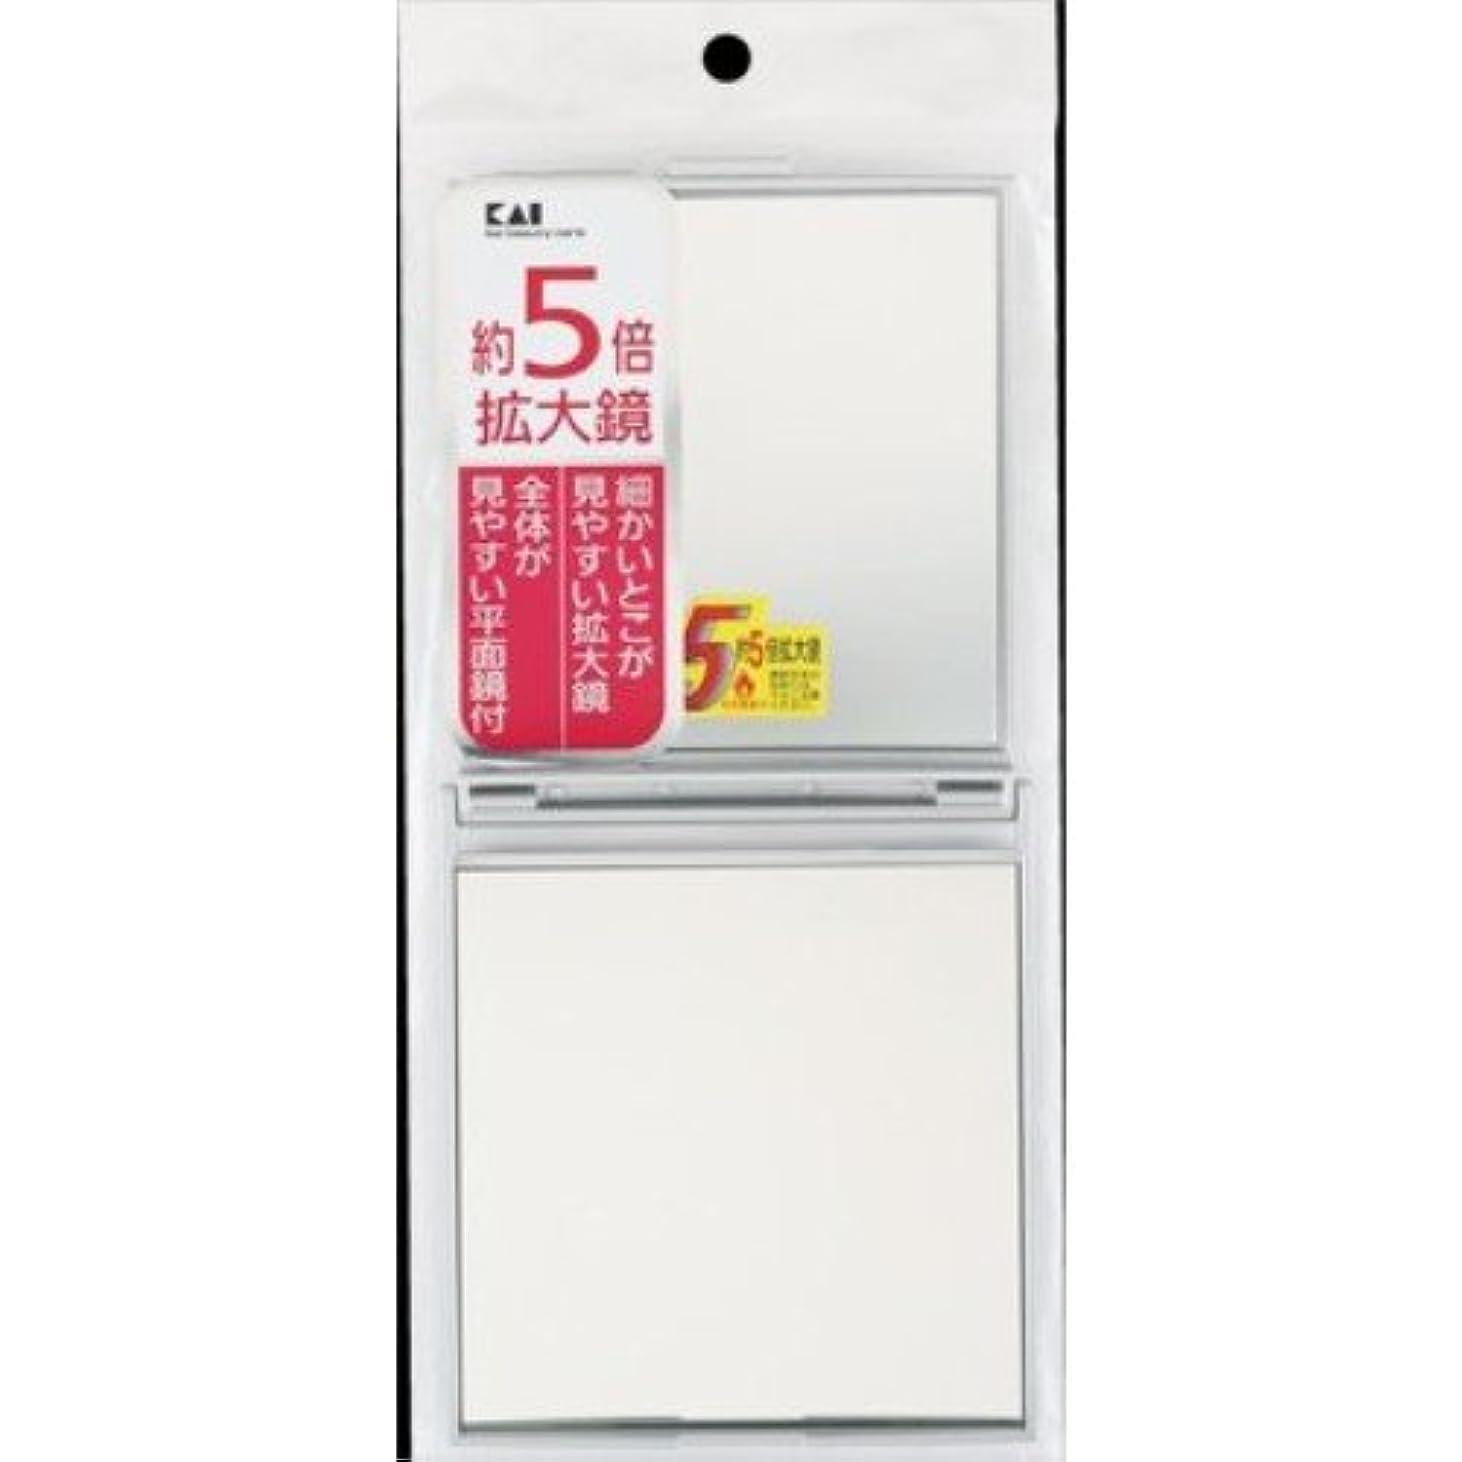 フィットねじれオリエンテーション貝印 5倍拡大鏡付コンパクトミラー シルバー KX0755